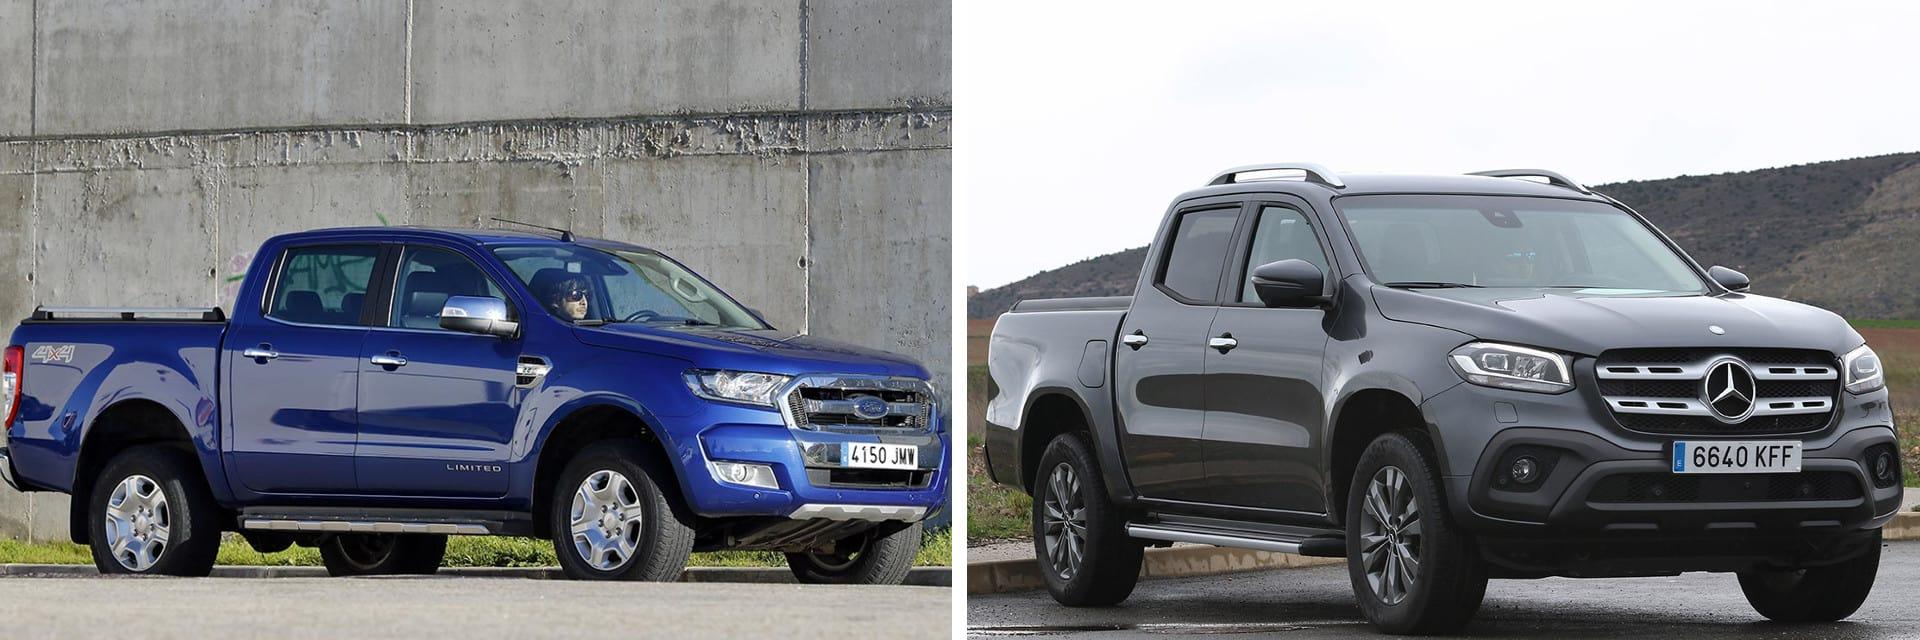 El Ford Ranger (izq.) con el motor de 200 CV consigue una mejor aceleración de 0 a 100 que el Clase X (dcha.)